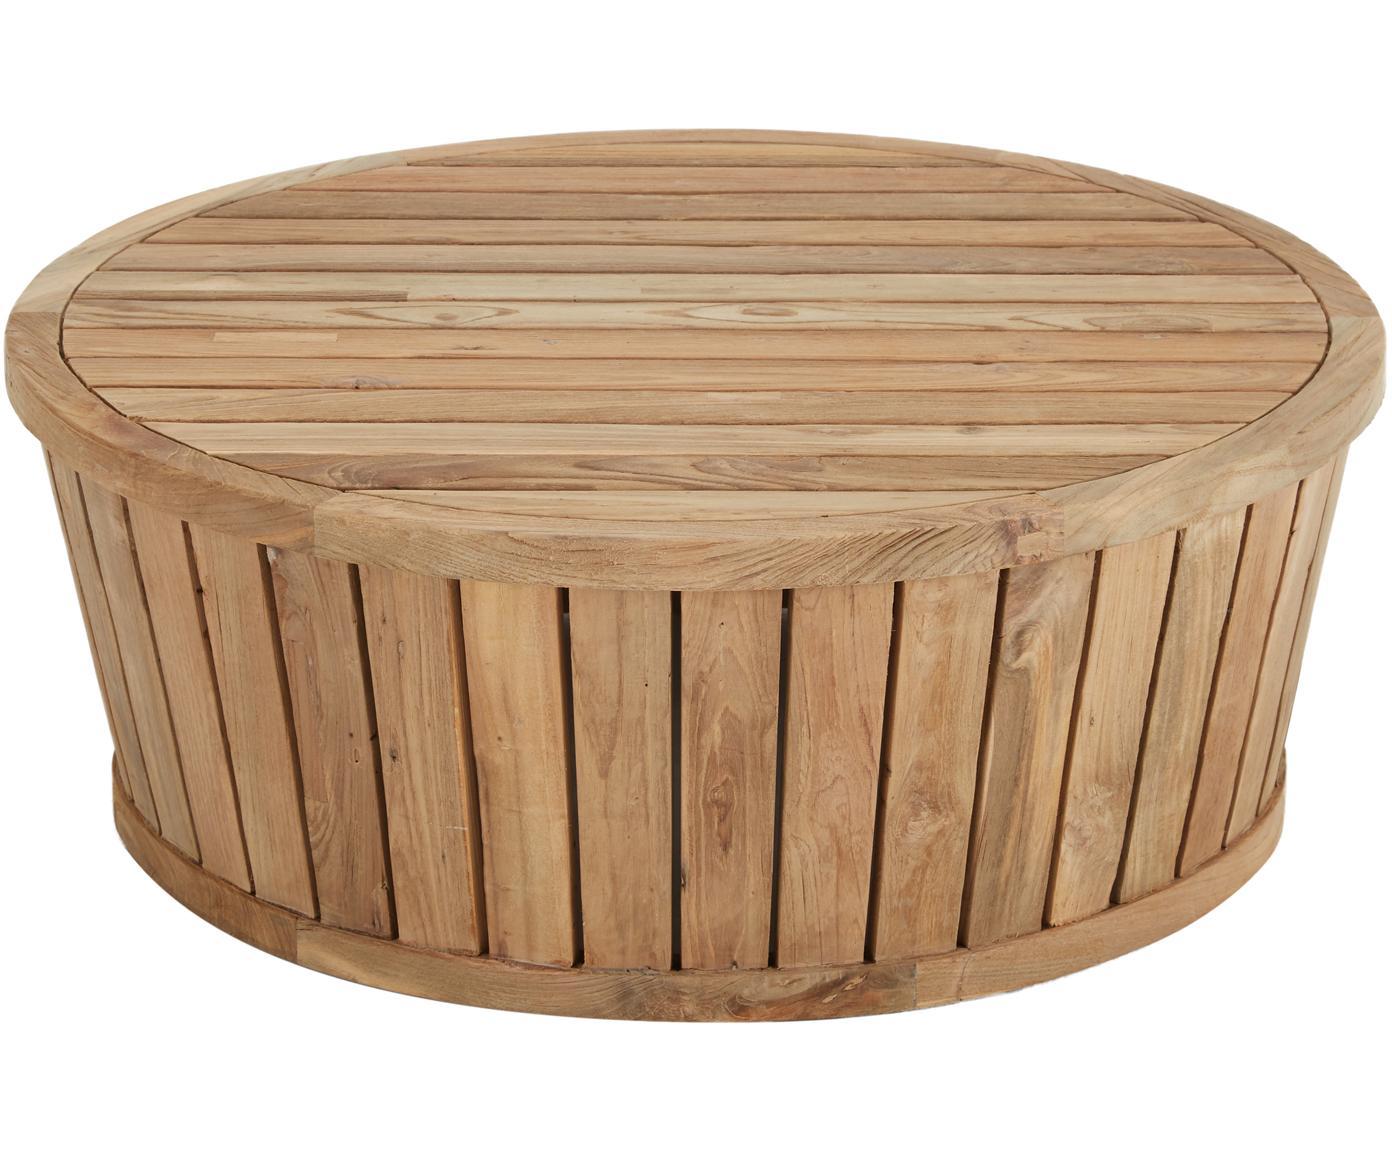 Mesa auxiliar de exterior de madera maciza Circus, Teca reciclada, Teca, Ø 80 x Al 30 cm